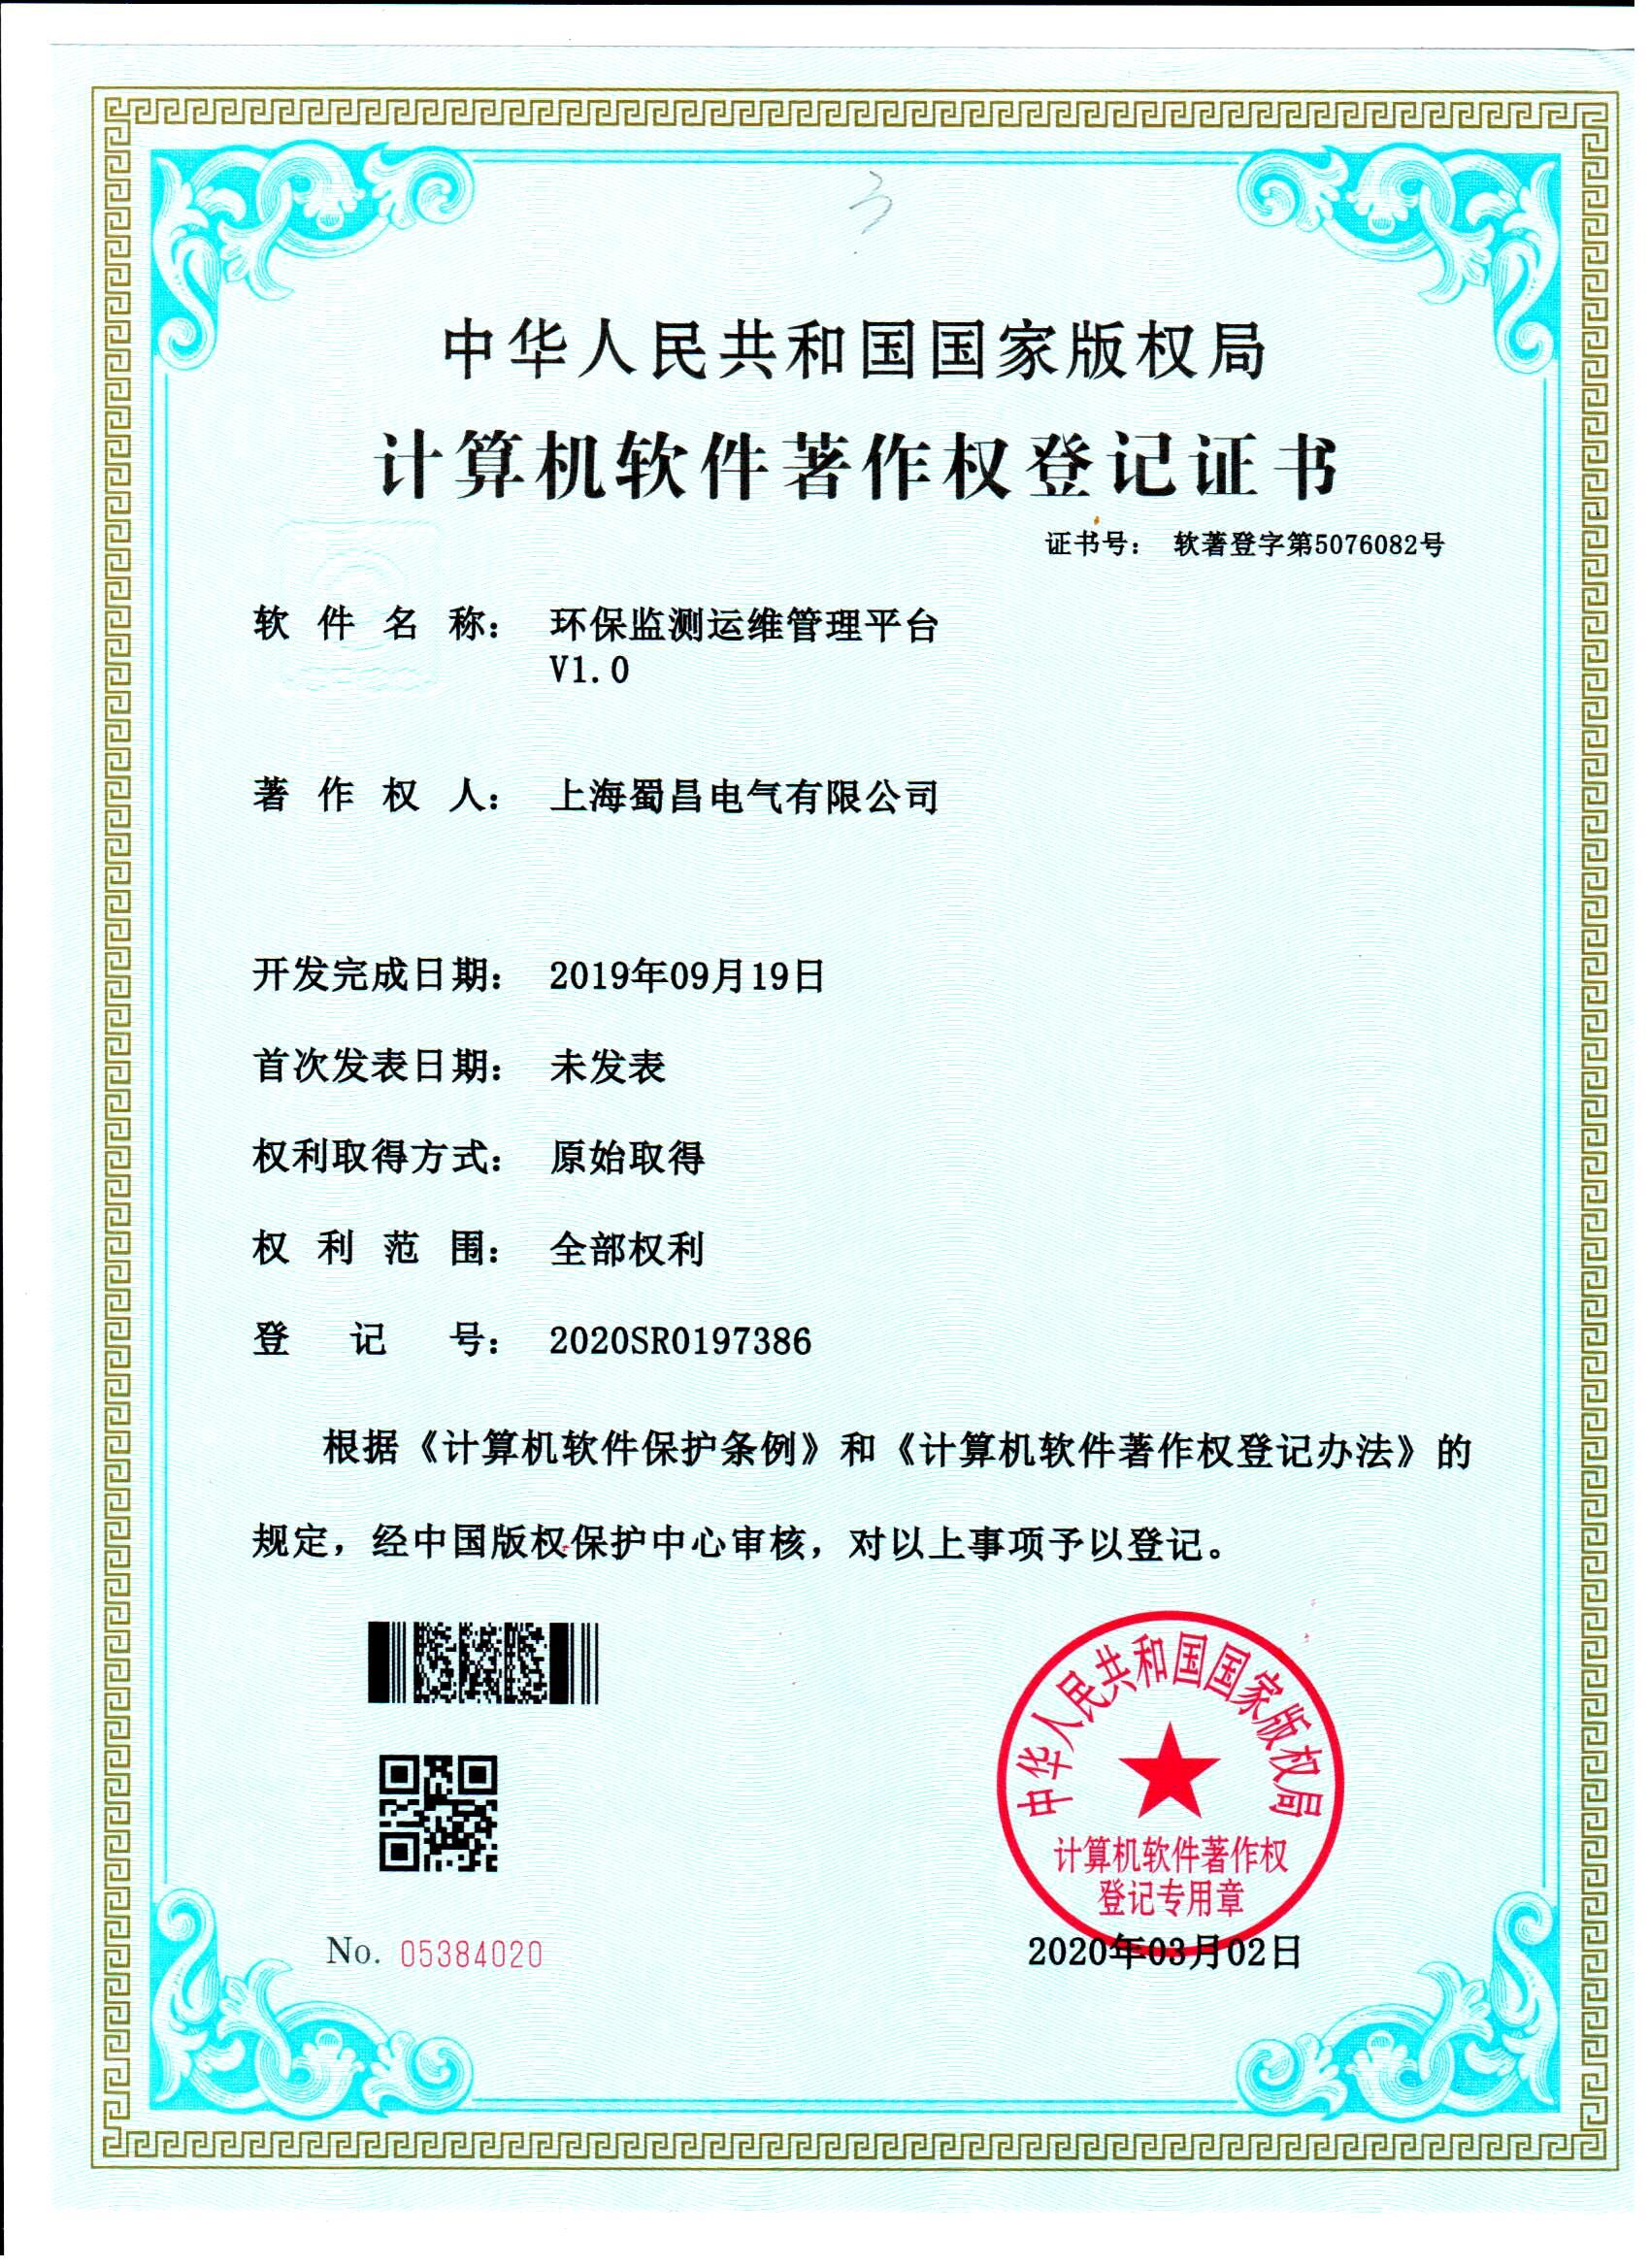 计算机软件著作权登记证书 环保监测运维管理平台.jpg